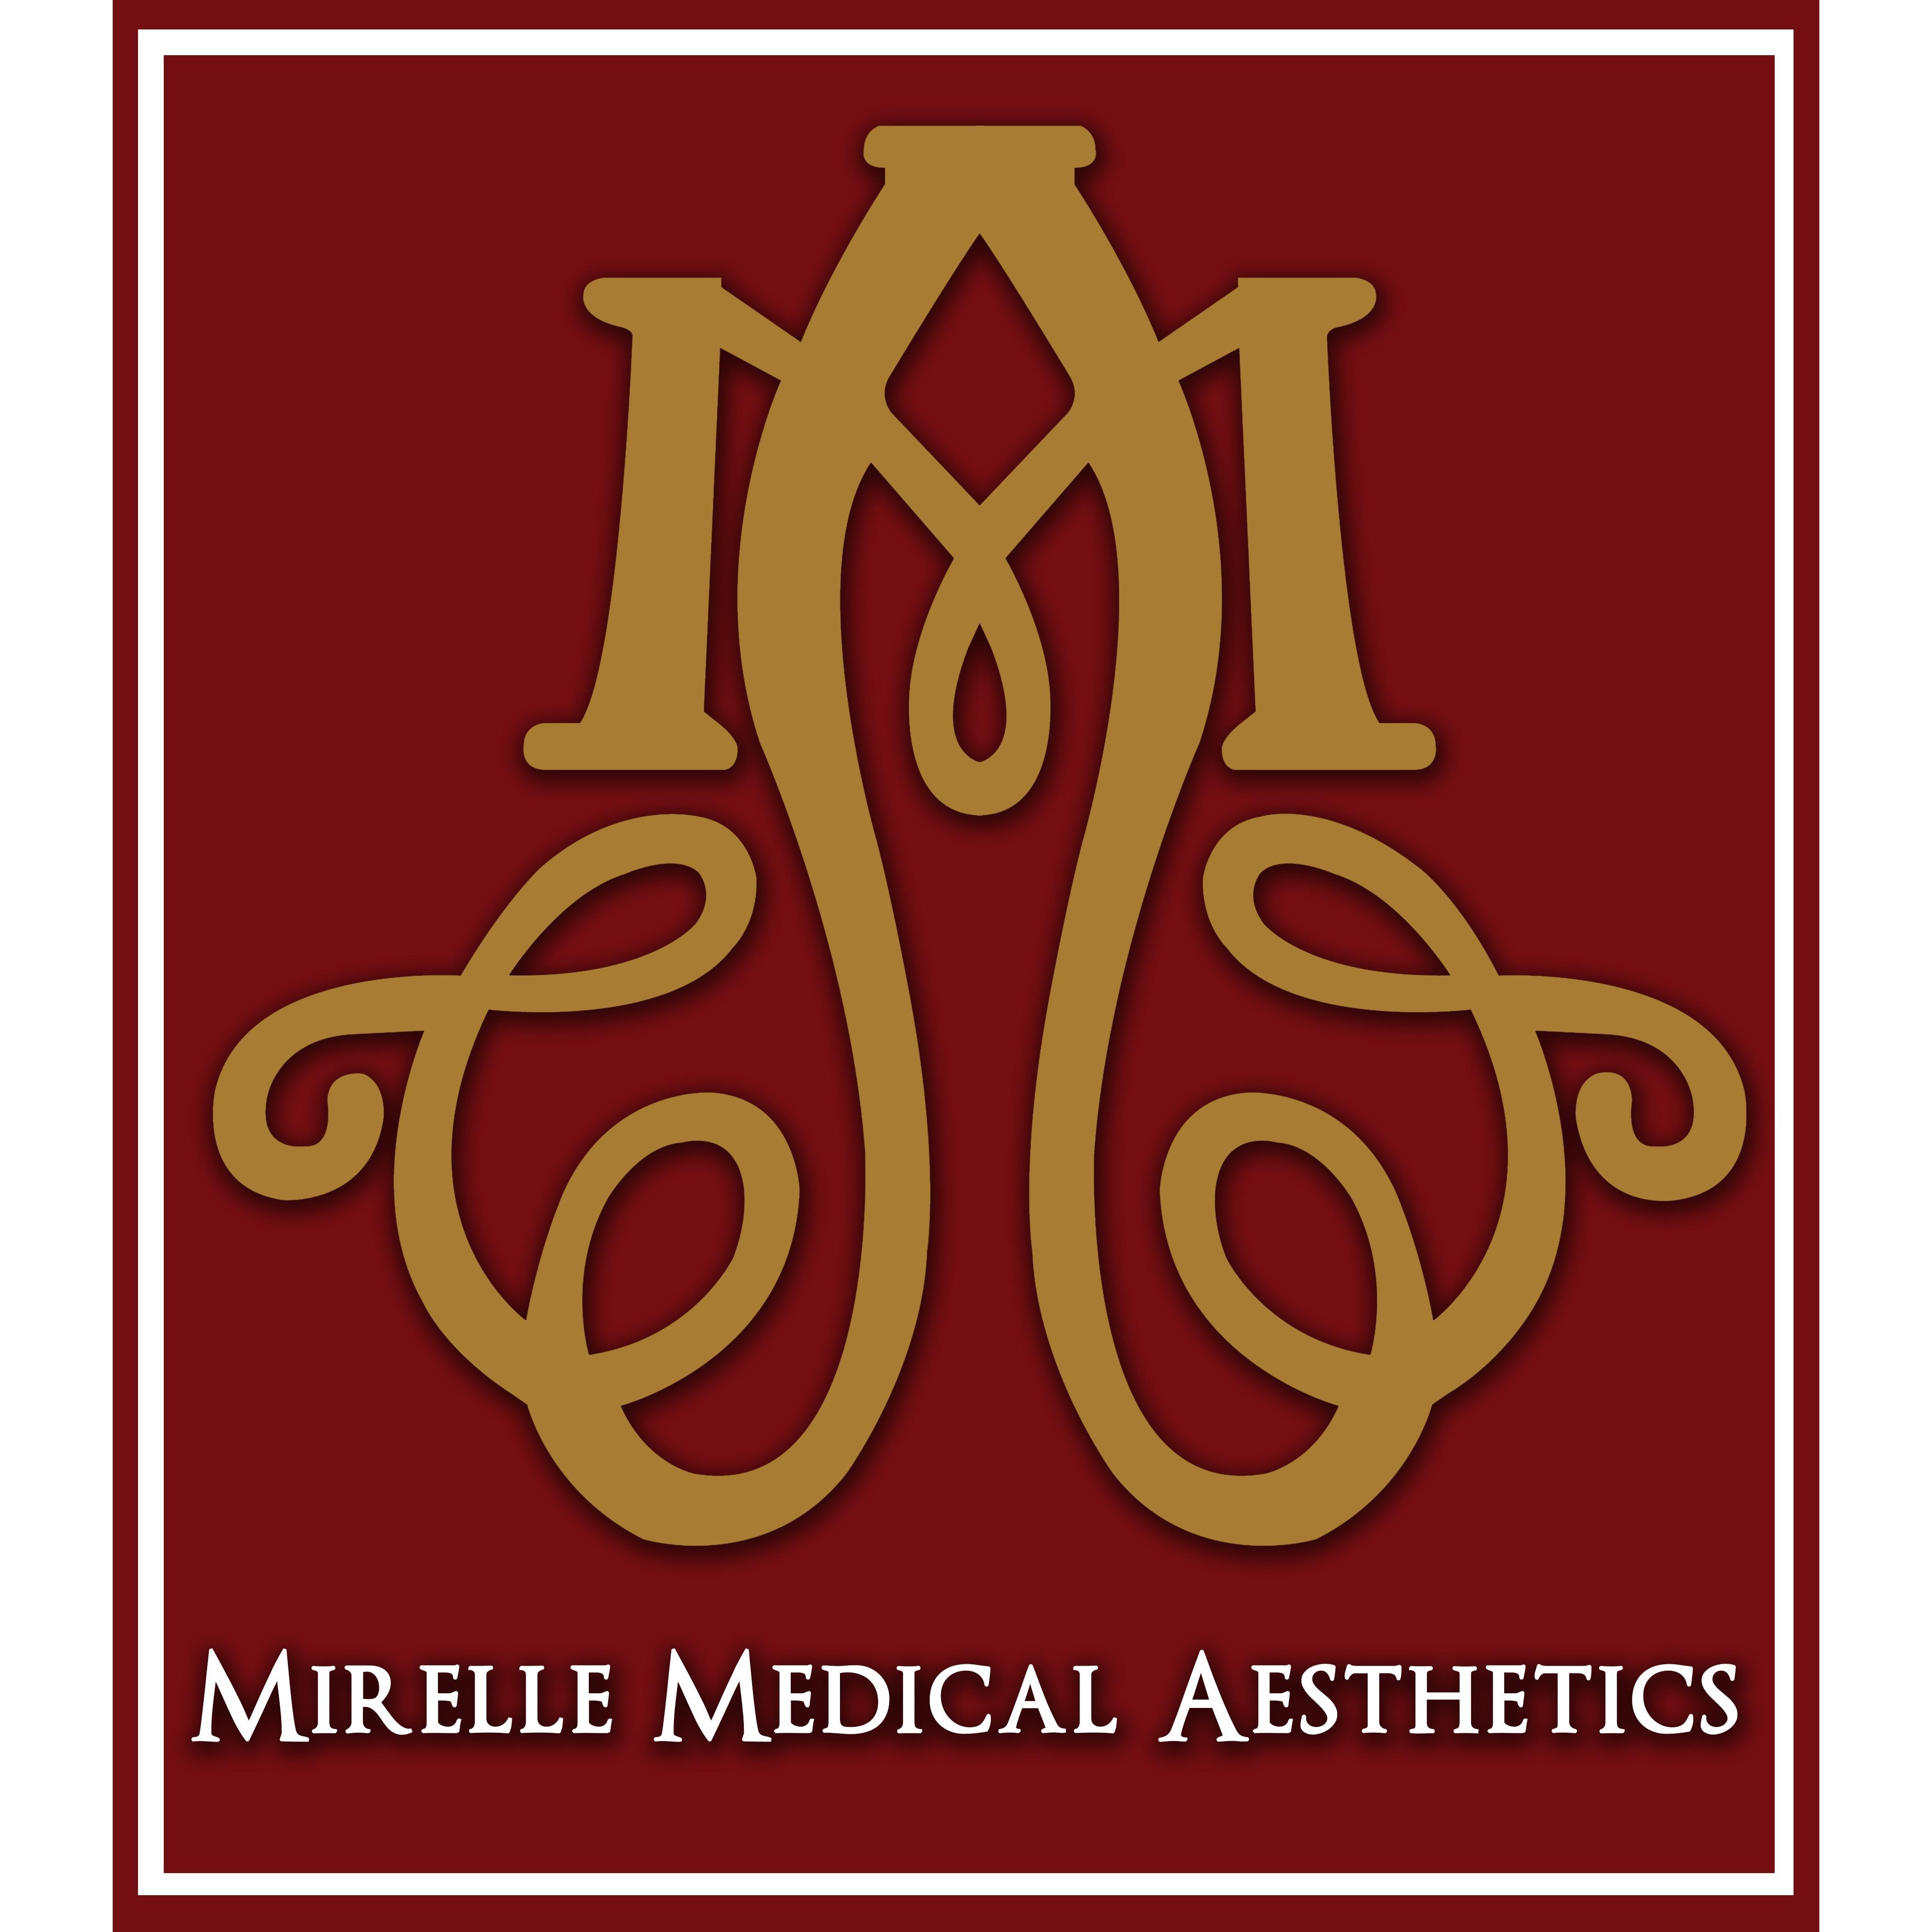 Mirelle Medical Aesthetics